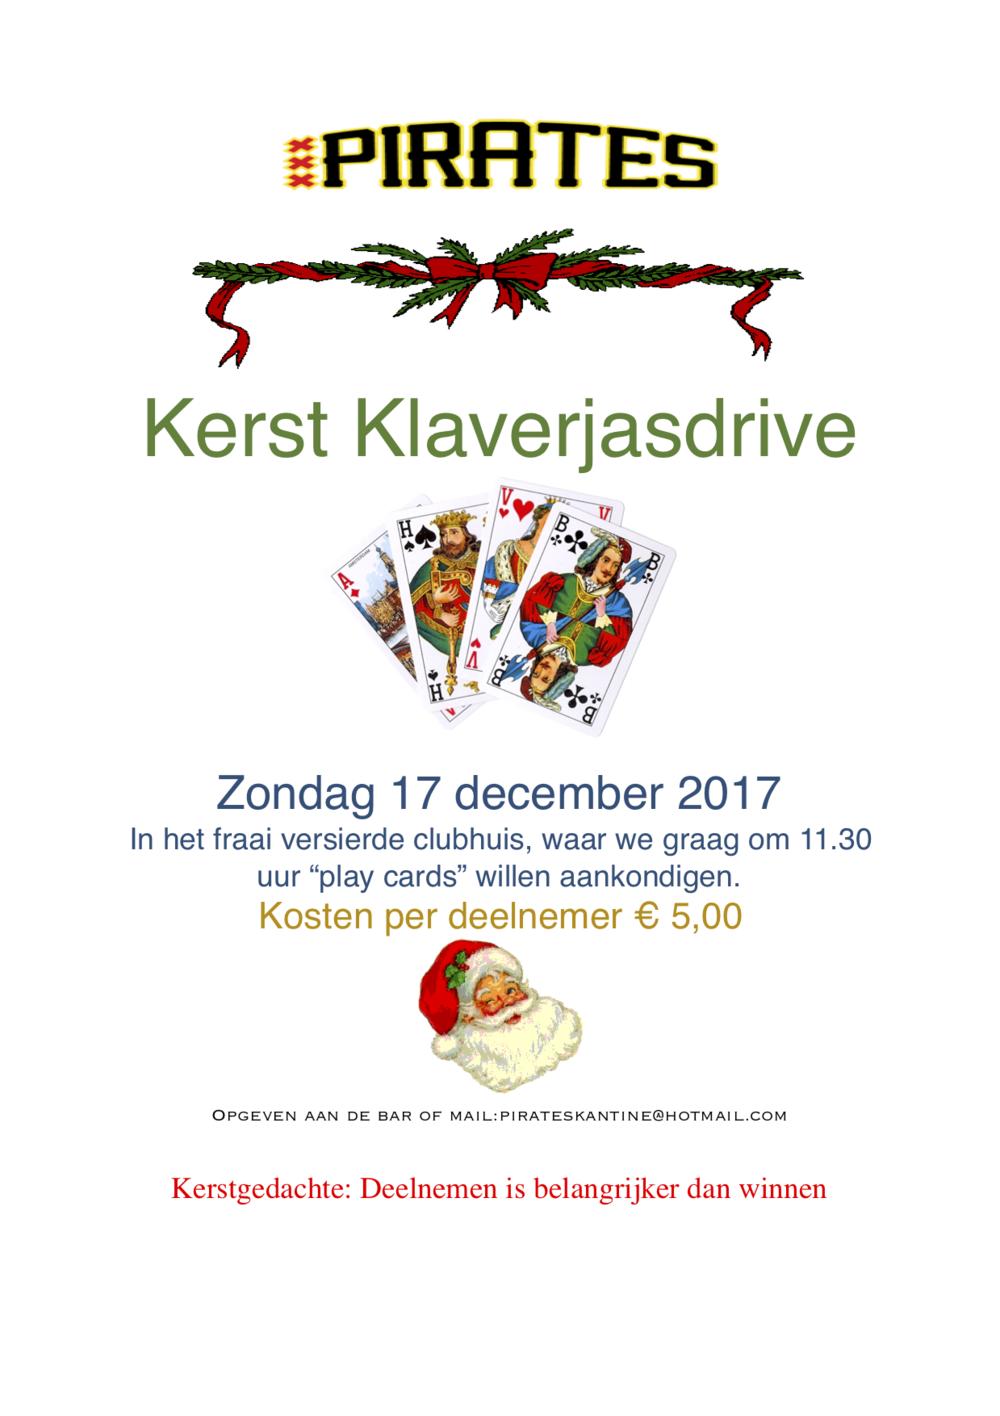 2017 Kerst Klaverjasdrive (Harry van Kooten)[26689].png